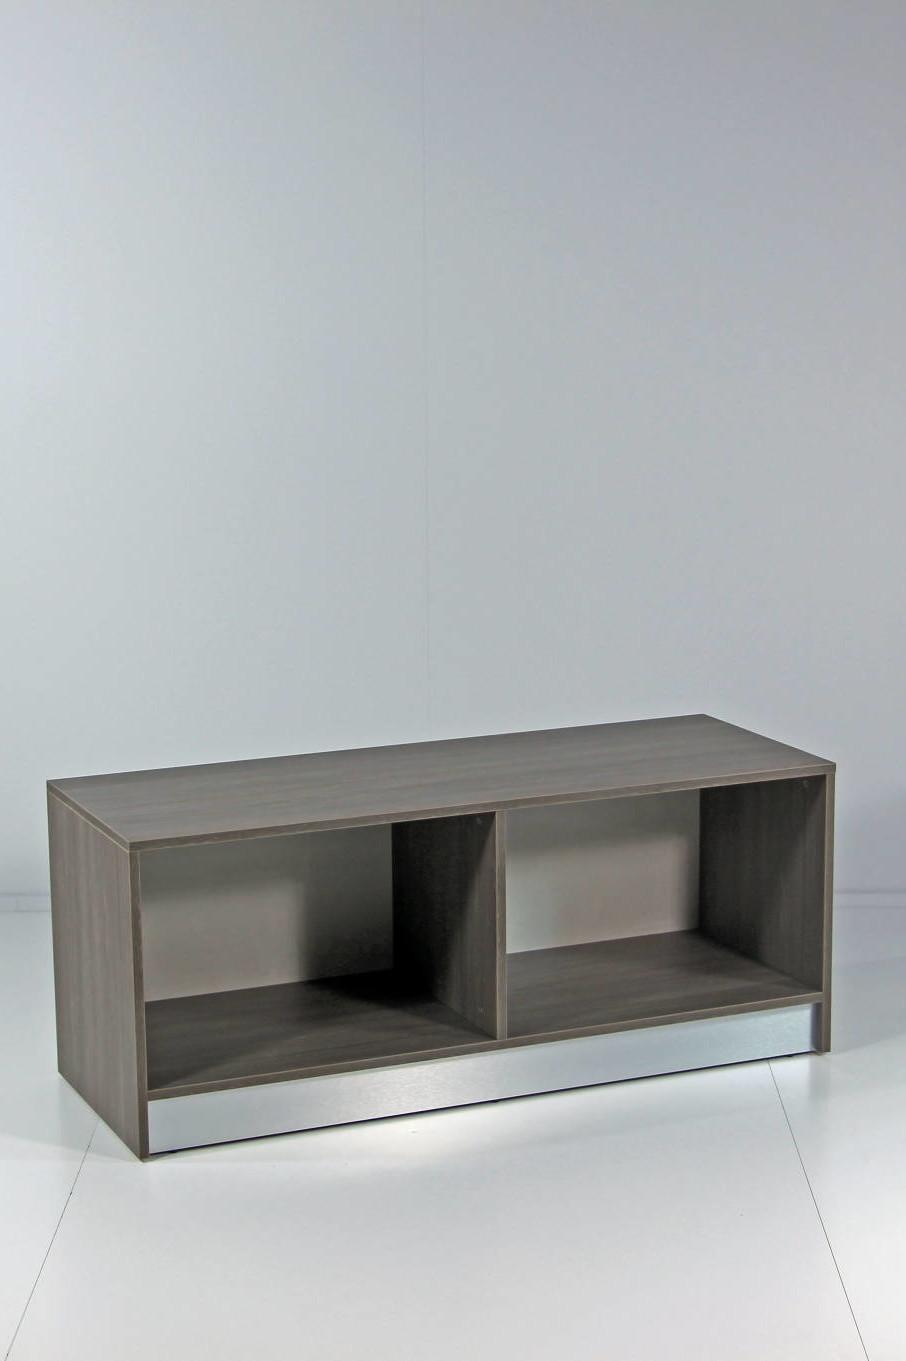 Lager / opbevarings møblet har mulighed for at få monteret, skuffer, låger eller hylder. Kan leveres i alle NCS farver